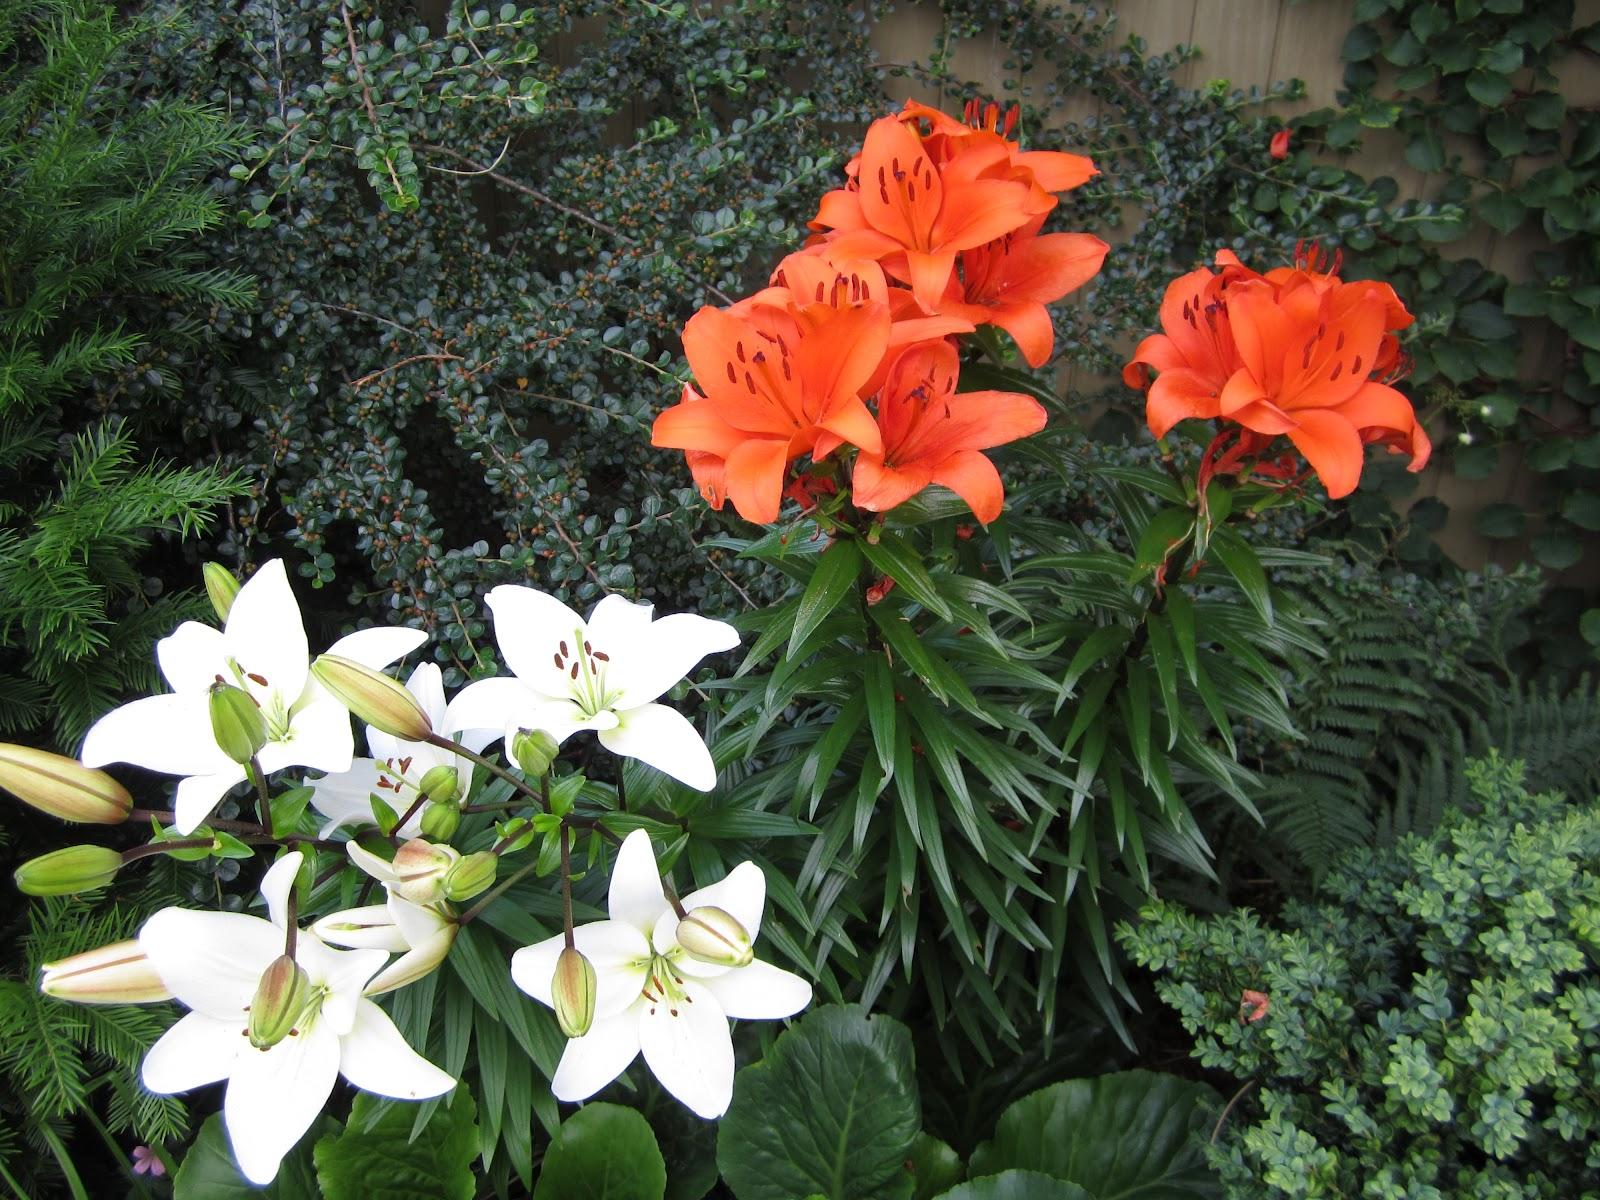 hvad skal tobakspibeplante plantes sammen med